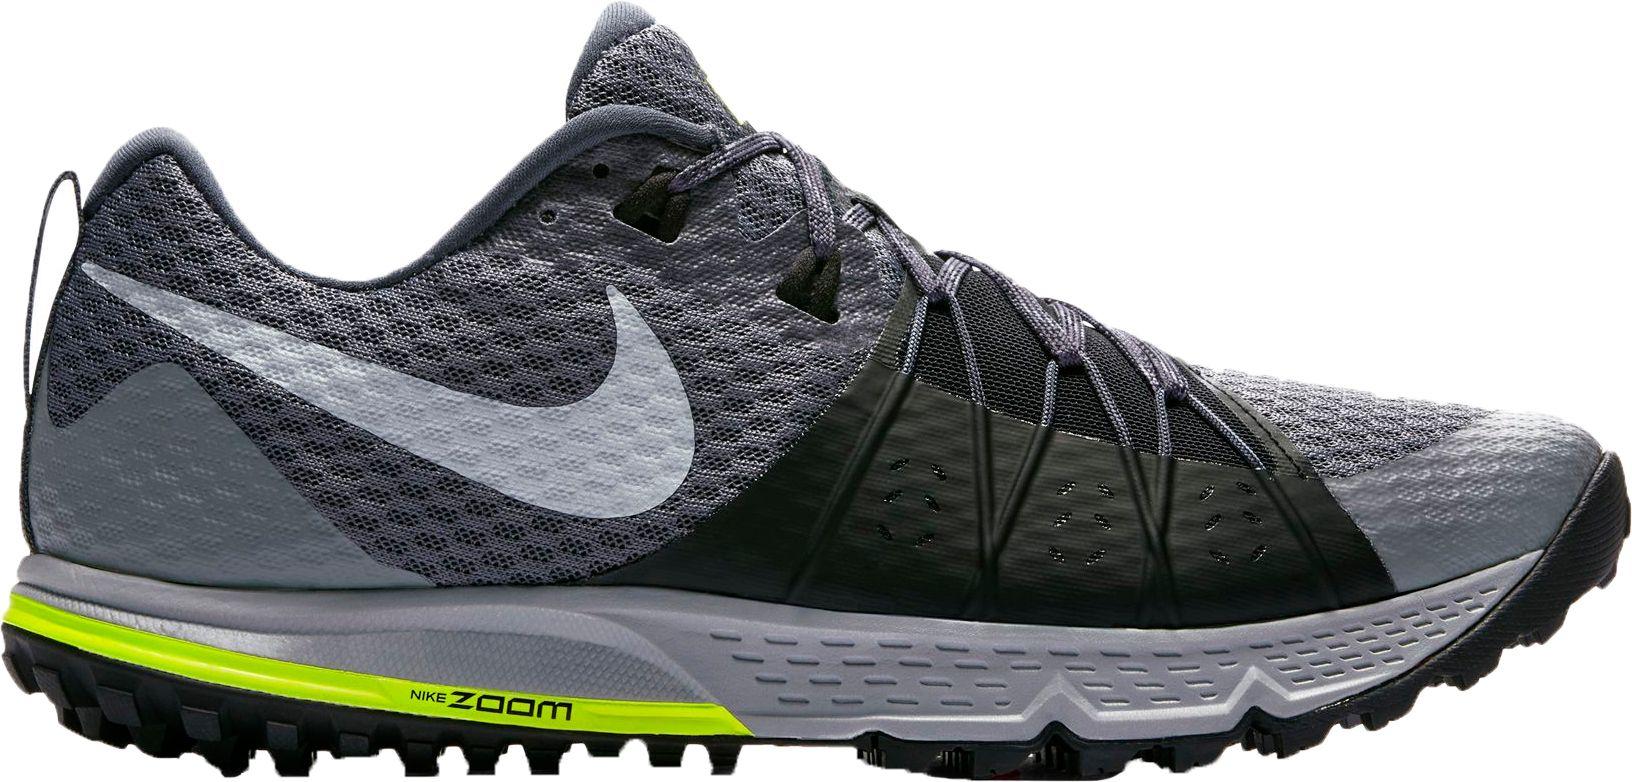 Nike Men\u0027s Zoom Wildhorse 4 Trail Running Shoes. 0:00. 0:00 / 0:00.  noImageFound ???